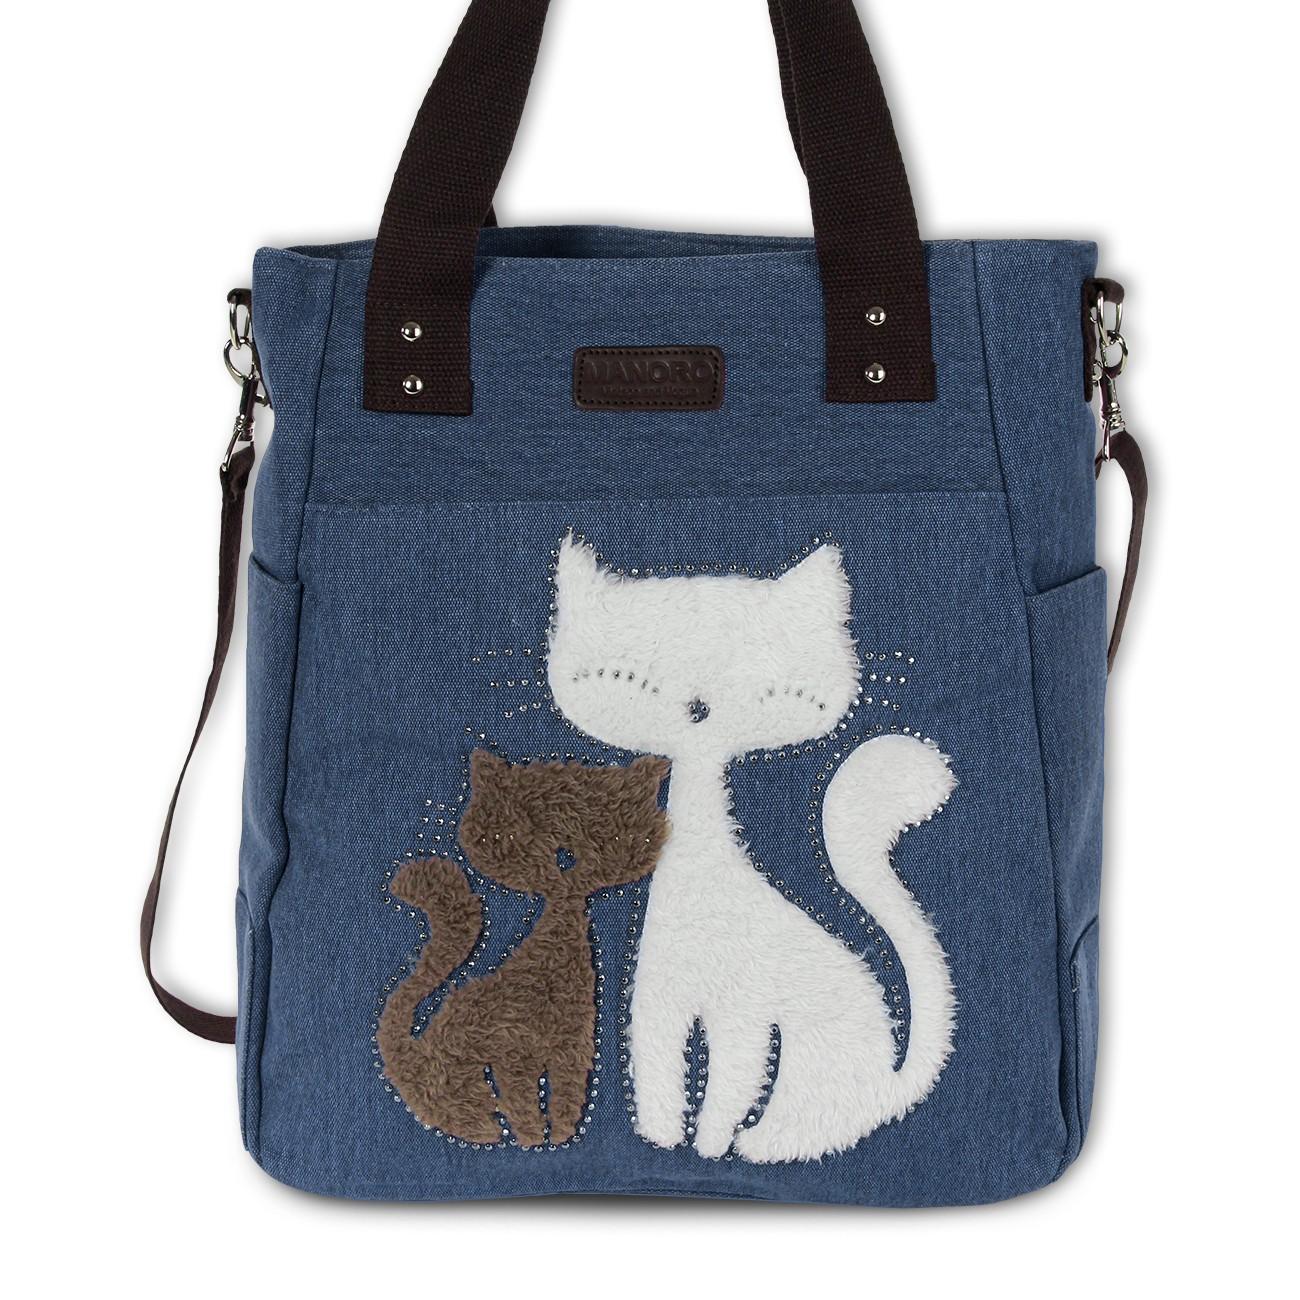 Henkeltasche, Shopper Canvas blau Handtasche Cats Manoro OTK217B